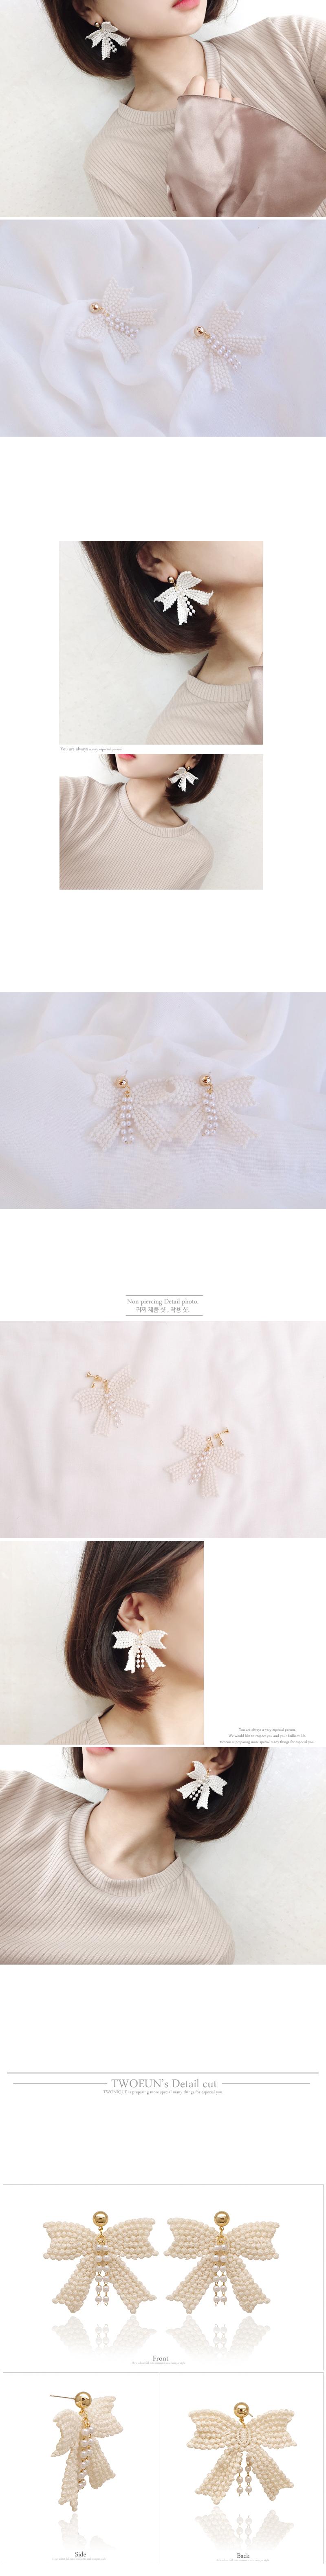 (은침)(귀찌가능) 노엘 리본 레이스 귀걸이7,900원-투니크, , , 바보사랑(은침)(귀찌가능) 노엘 리본 레이스 귀걸이7,900원-투니크, , , 바보사랑